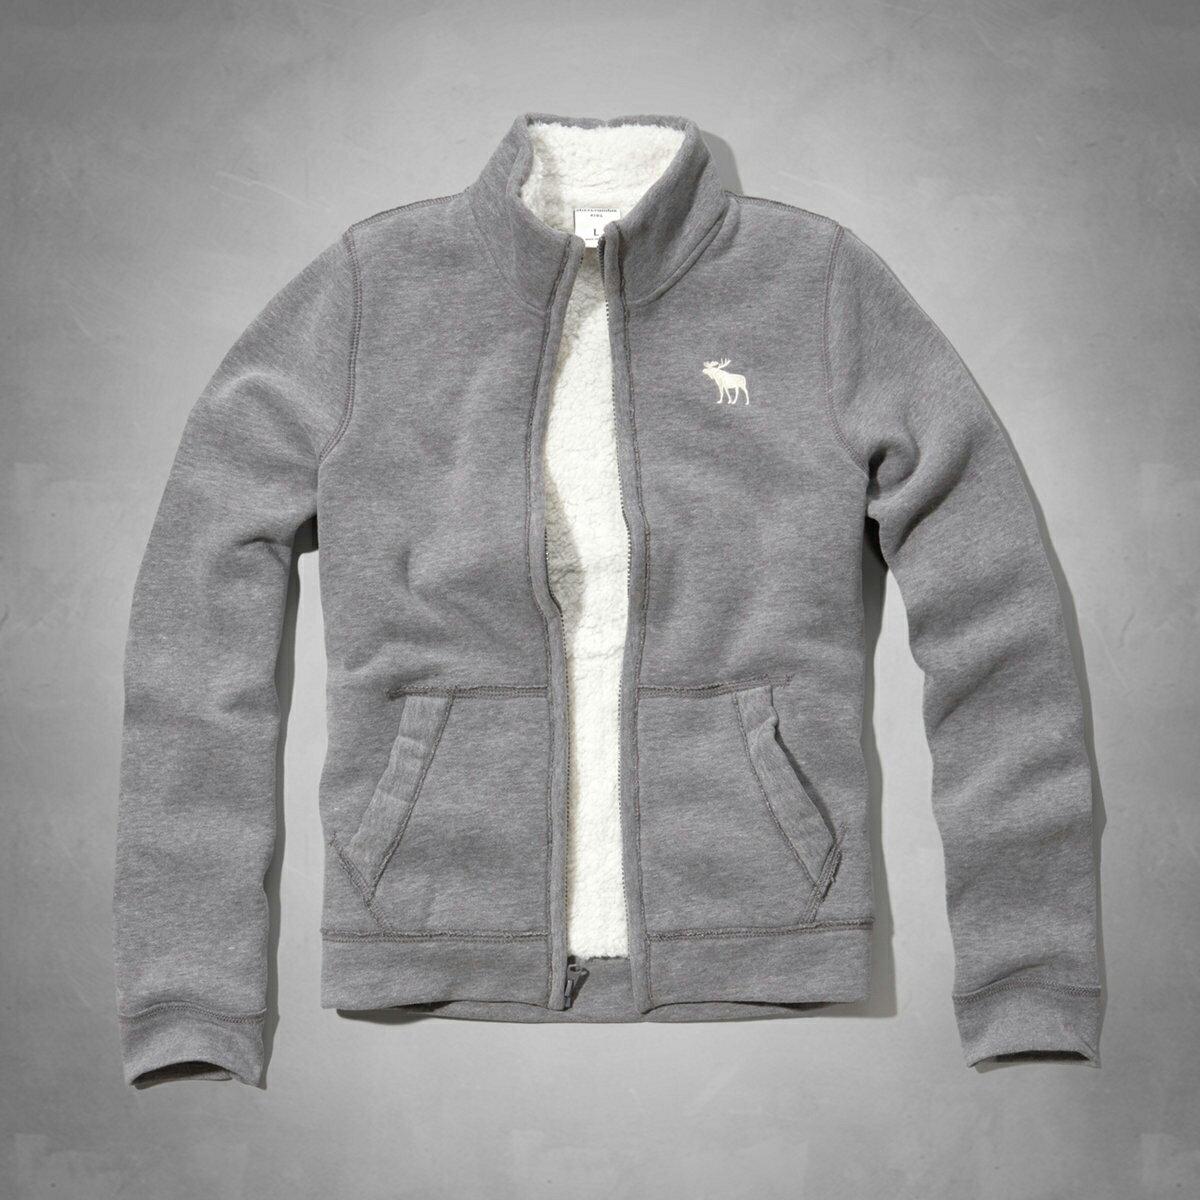 美國百分百~Abercrombie   Fitch~外套 AF 立領 灰色 夾克 麋鹿 刷